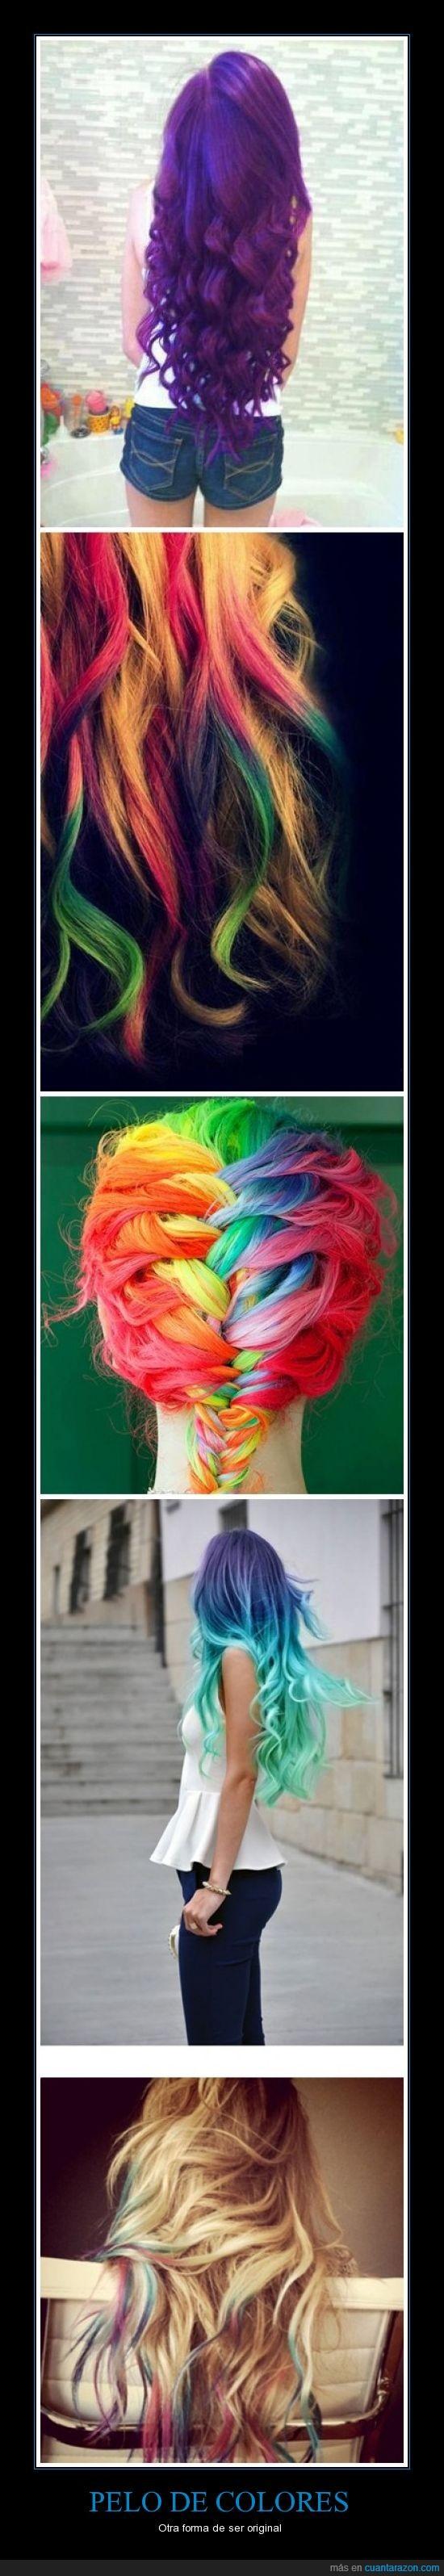 colores,decoloración,original,pelo,peluca,se tiñen cada semana,tendrán el pelo muerto en un mes